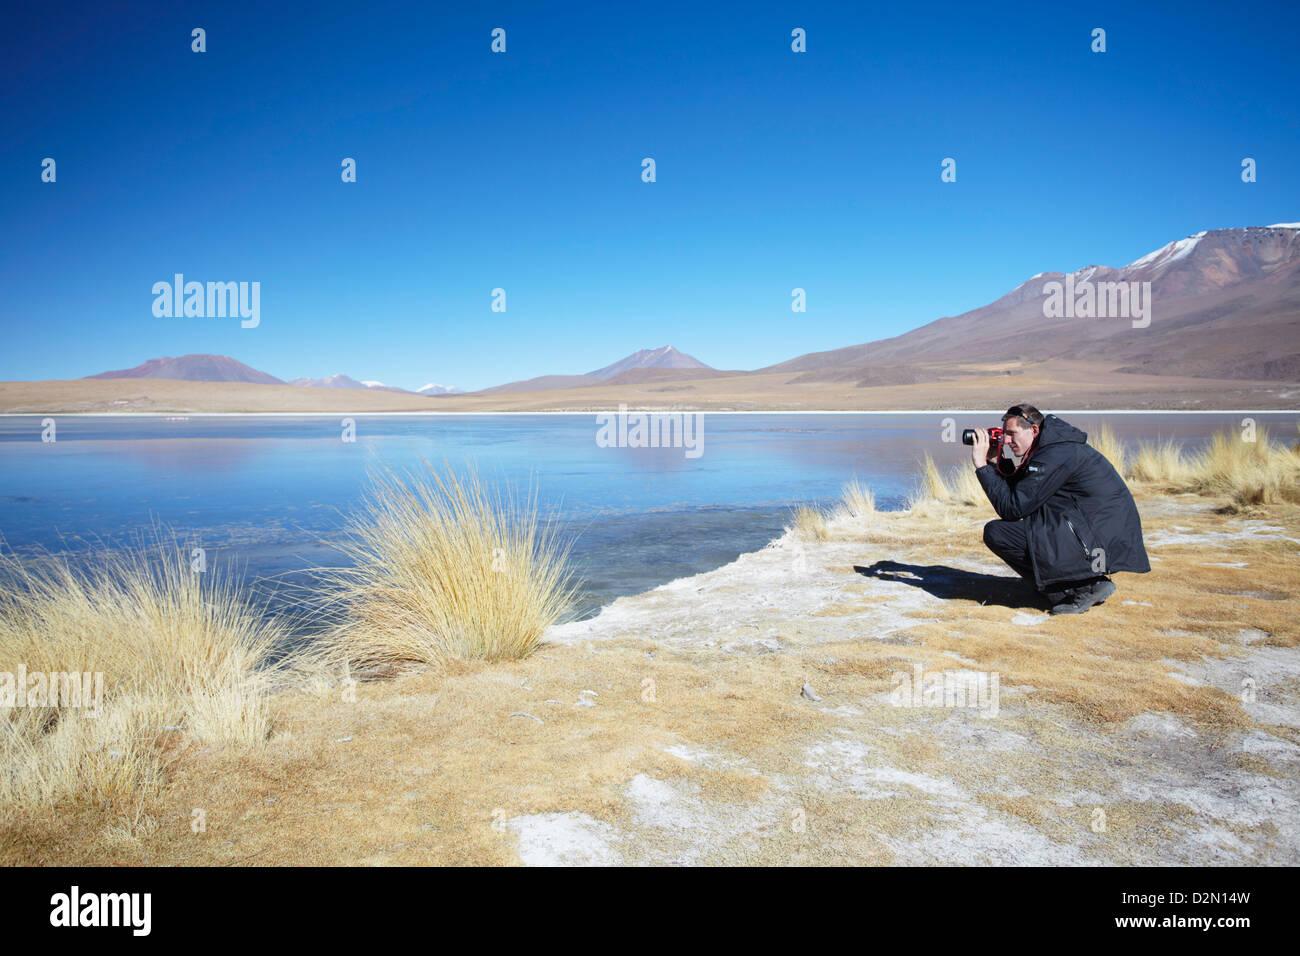 L'homme à prendre des photos à Laguna Canapa sur l'Altiplano, Potosi, Bolivie, Ministère Photo Stock